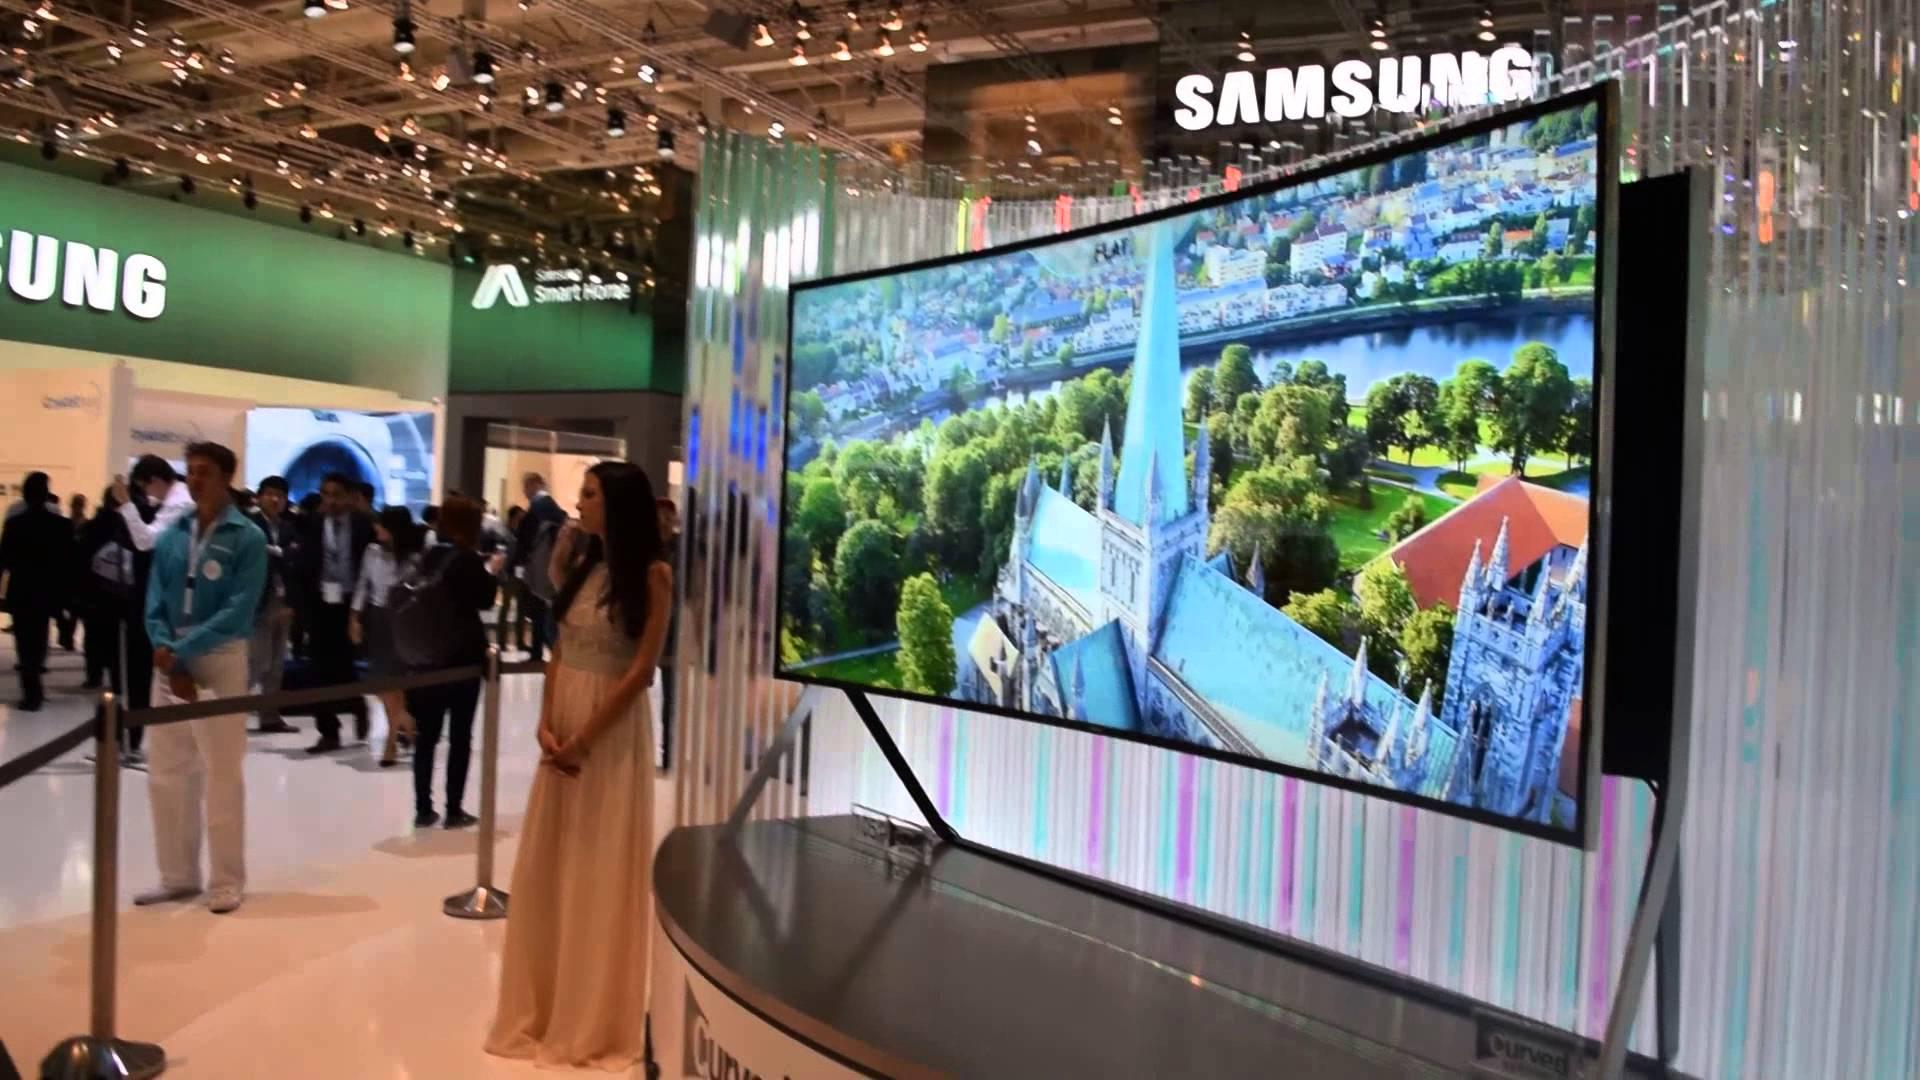 سامسونج تكشف عن شاشتها المنحنية Curved UHD TV.. (فيديو)